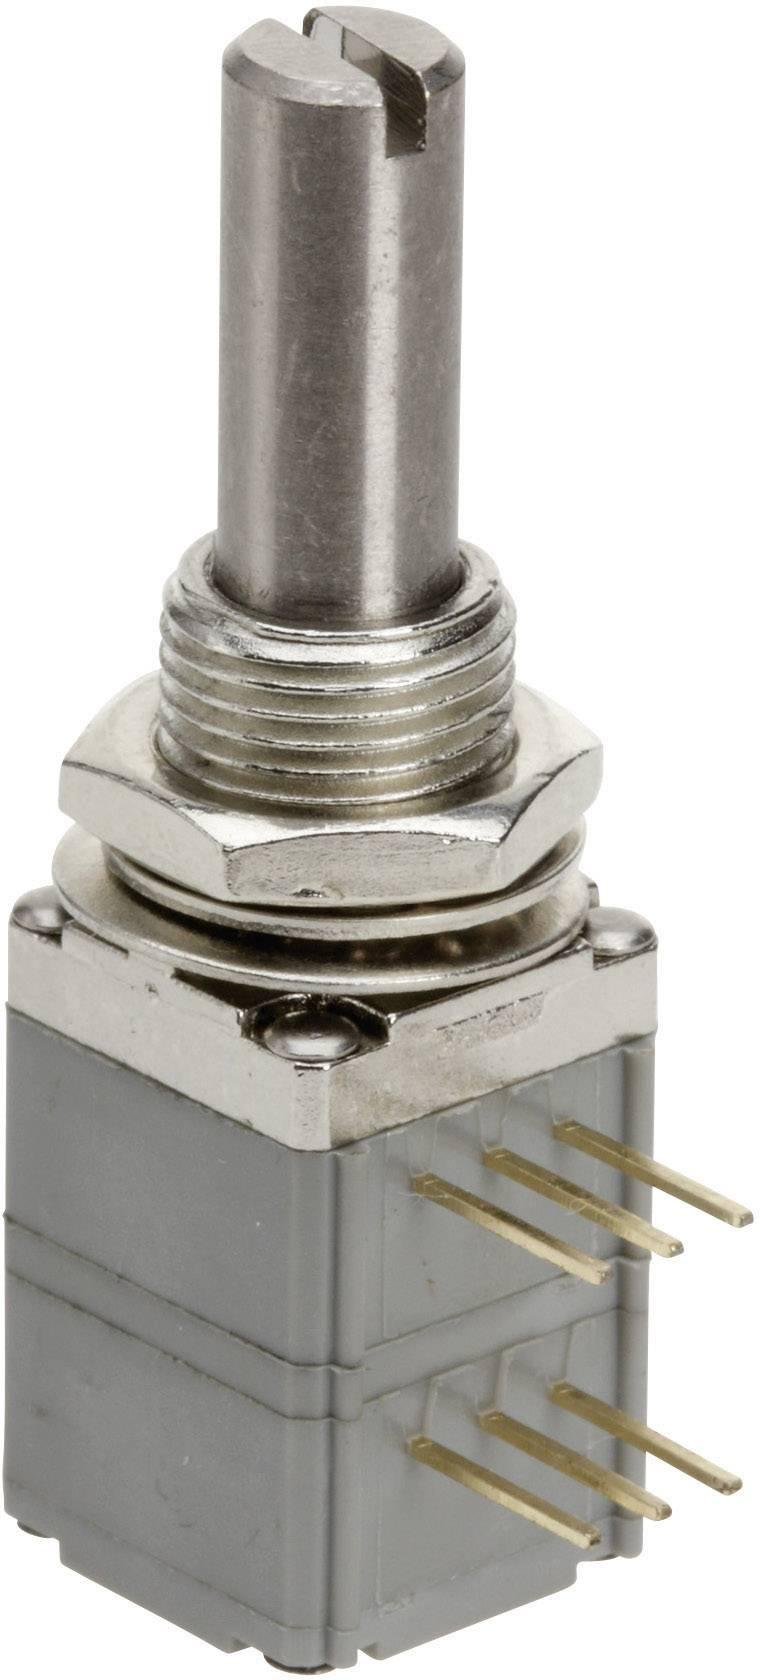 Presný potenciometer prachotesný mono TT Electronics AB P260P-D2BS4A B-1 KR 4113811775, 1 kOhm, 1 ks